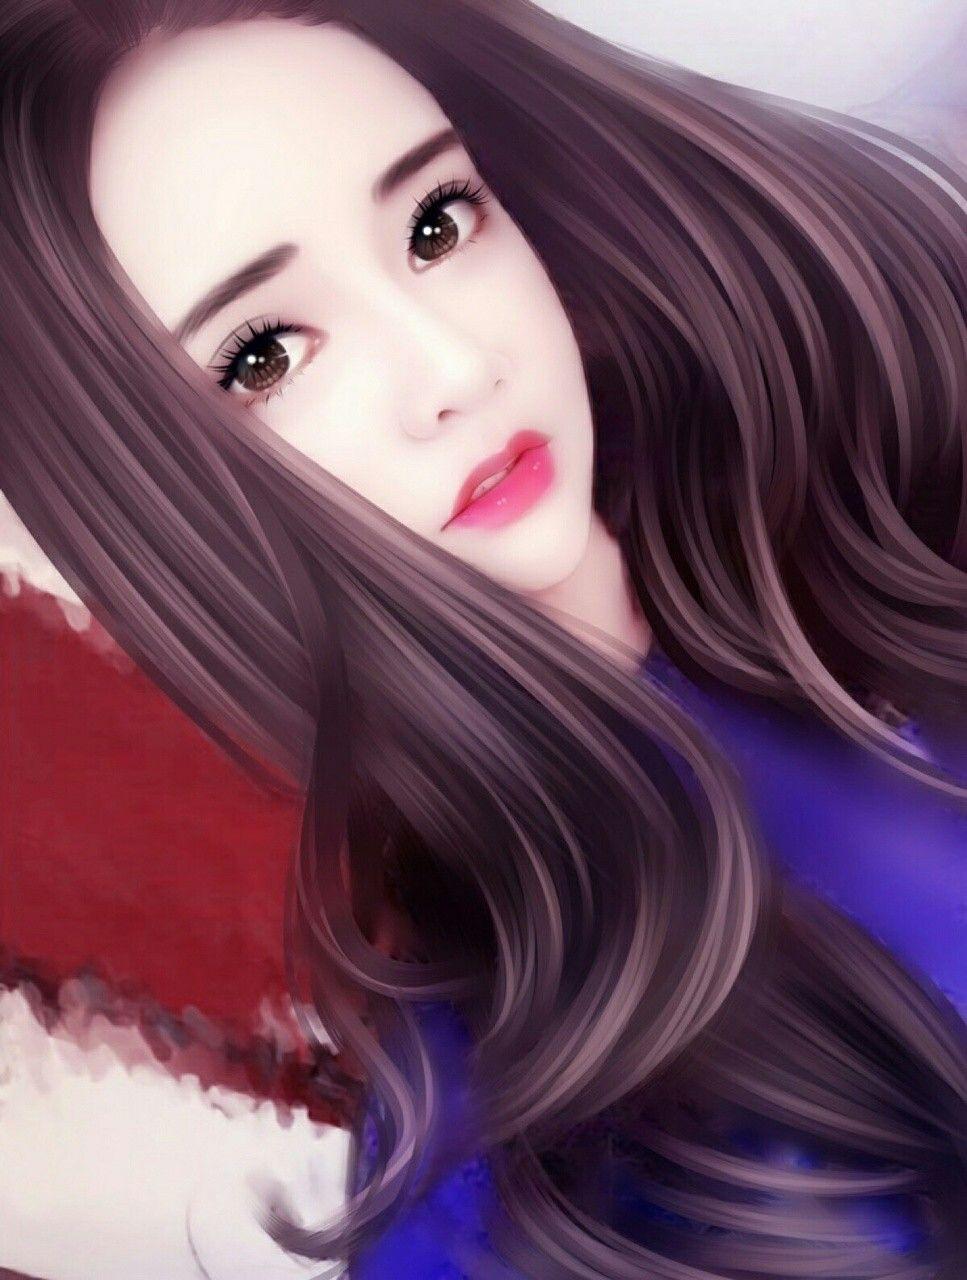 Asian Girls Art